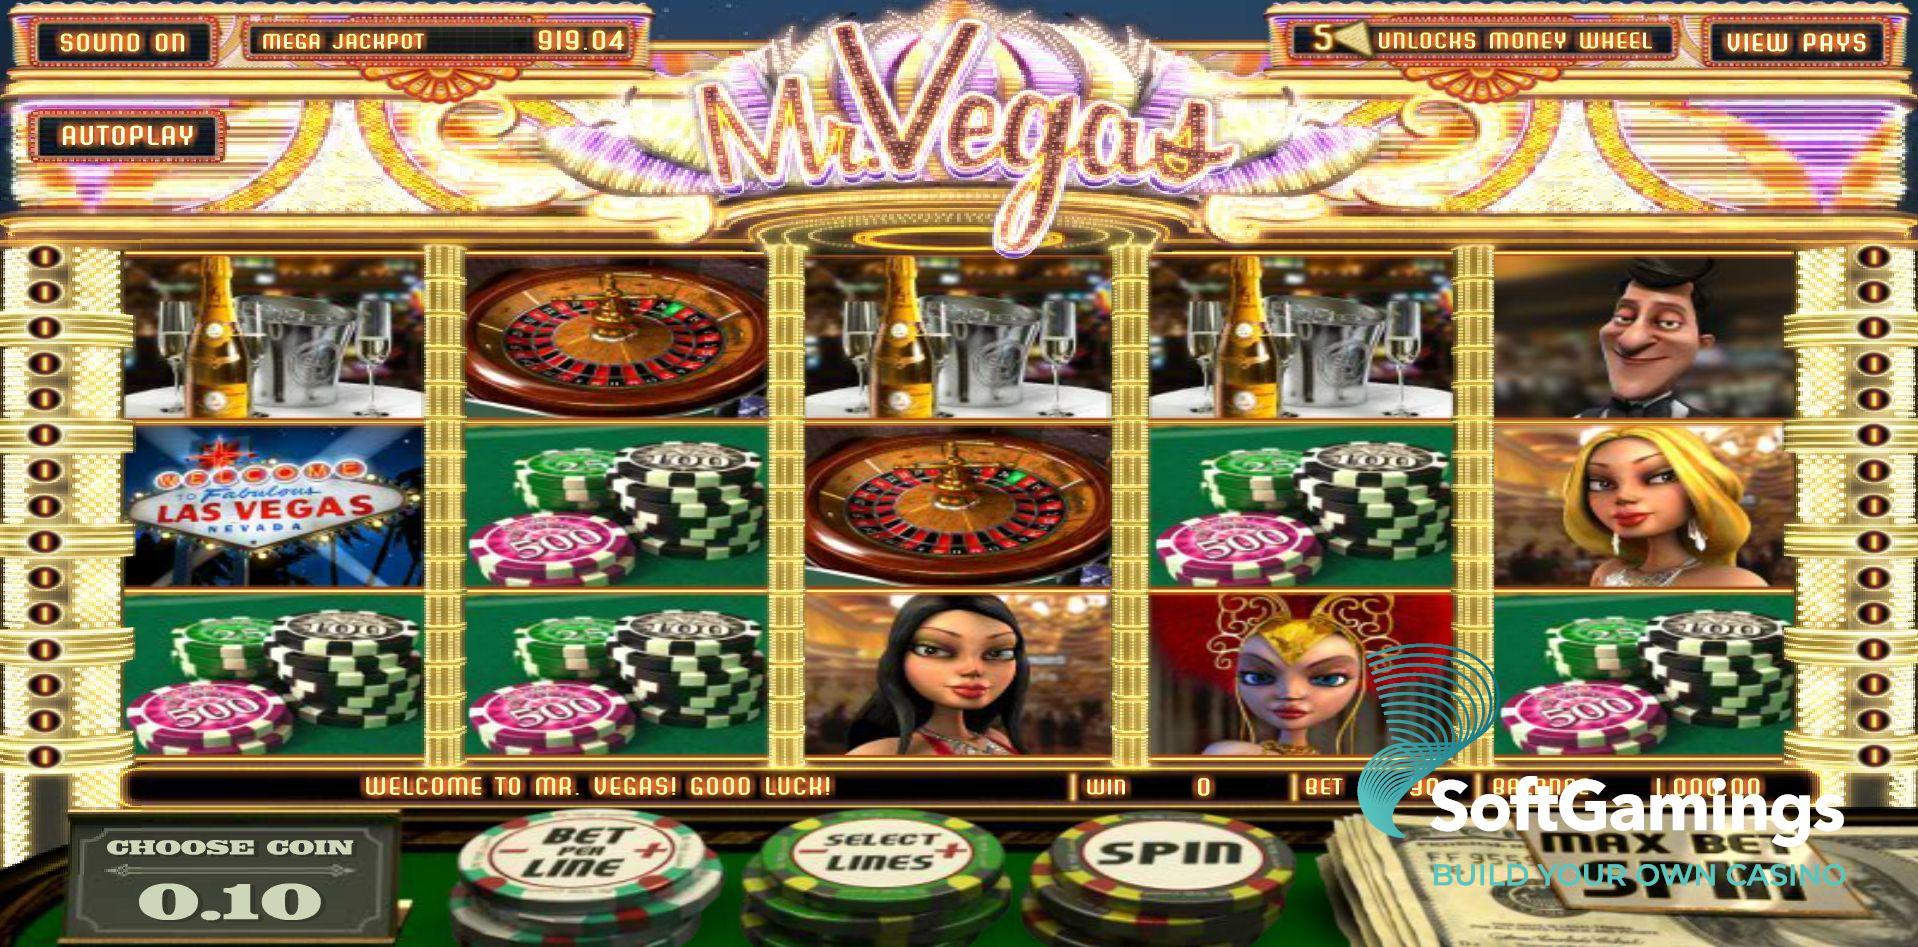 Live casino blackjack